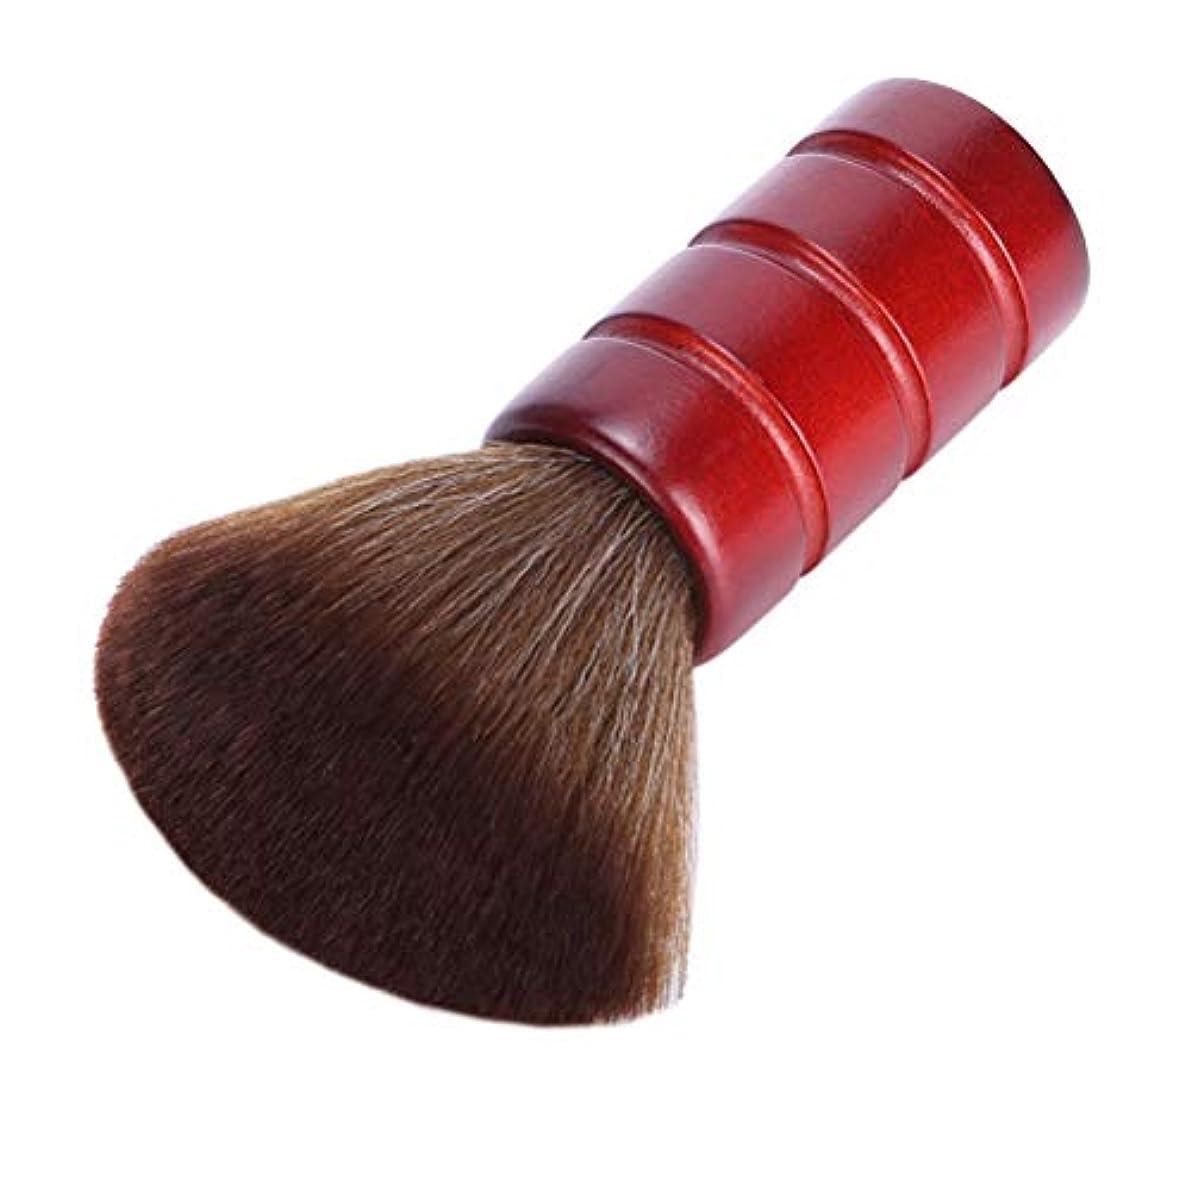 教育側アラブ人Lurroseプロフェッショナルヘアカットブラシソフトファイバーフェイスネックダスターブラシ理髪サロン理容ツール